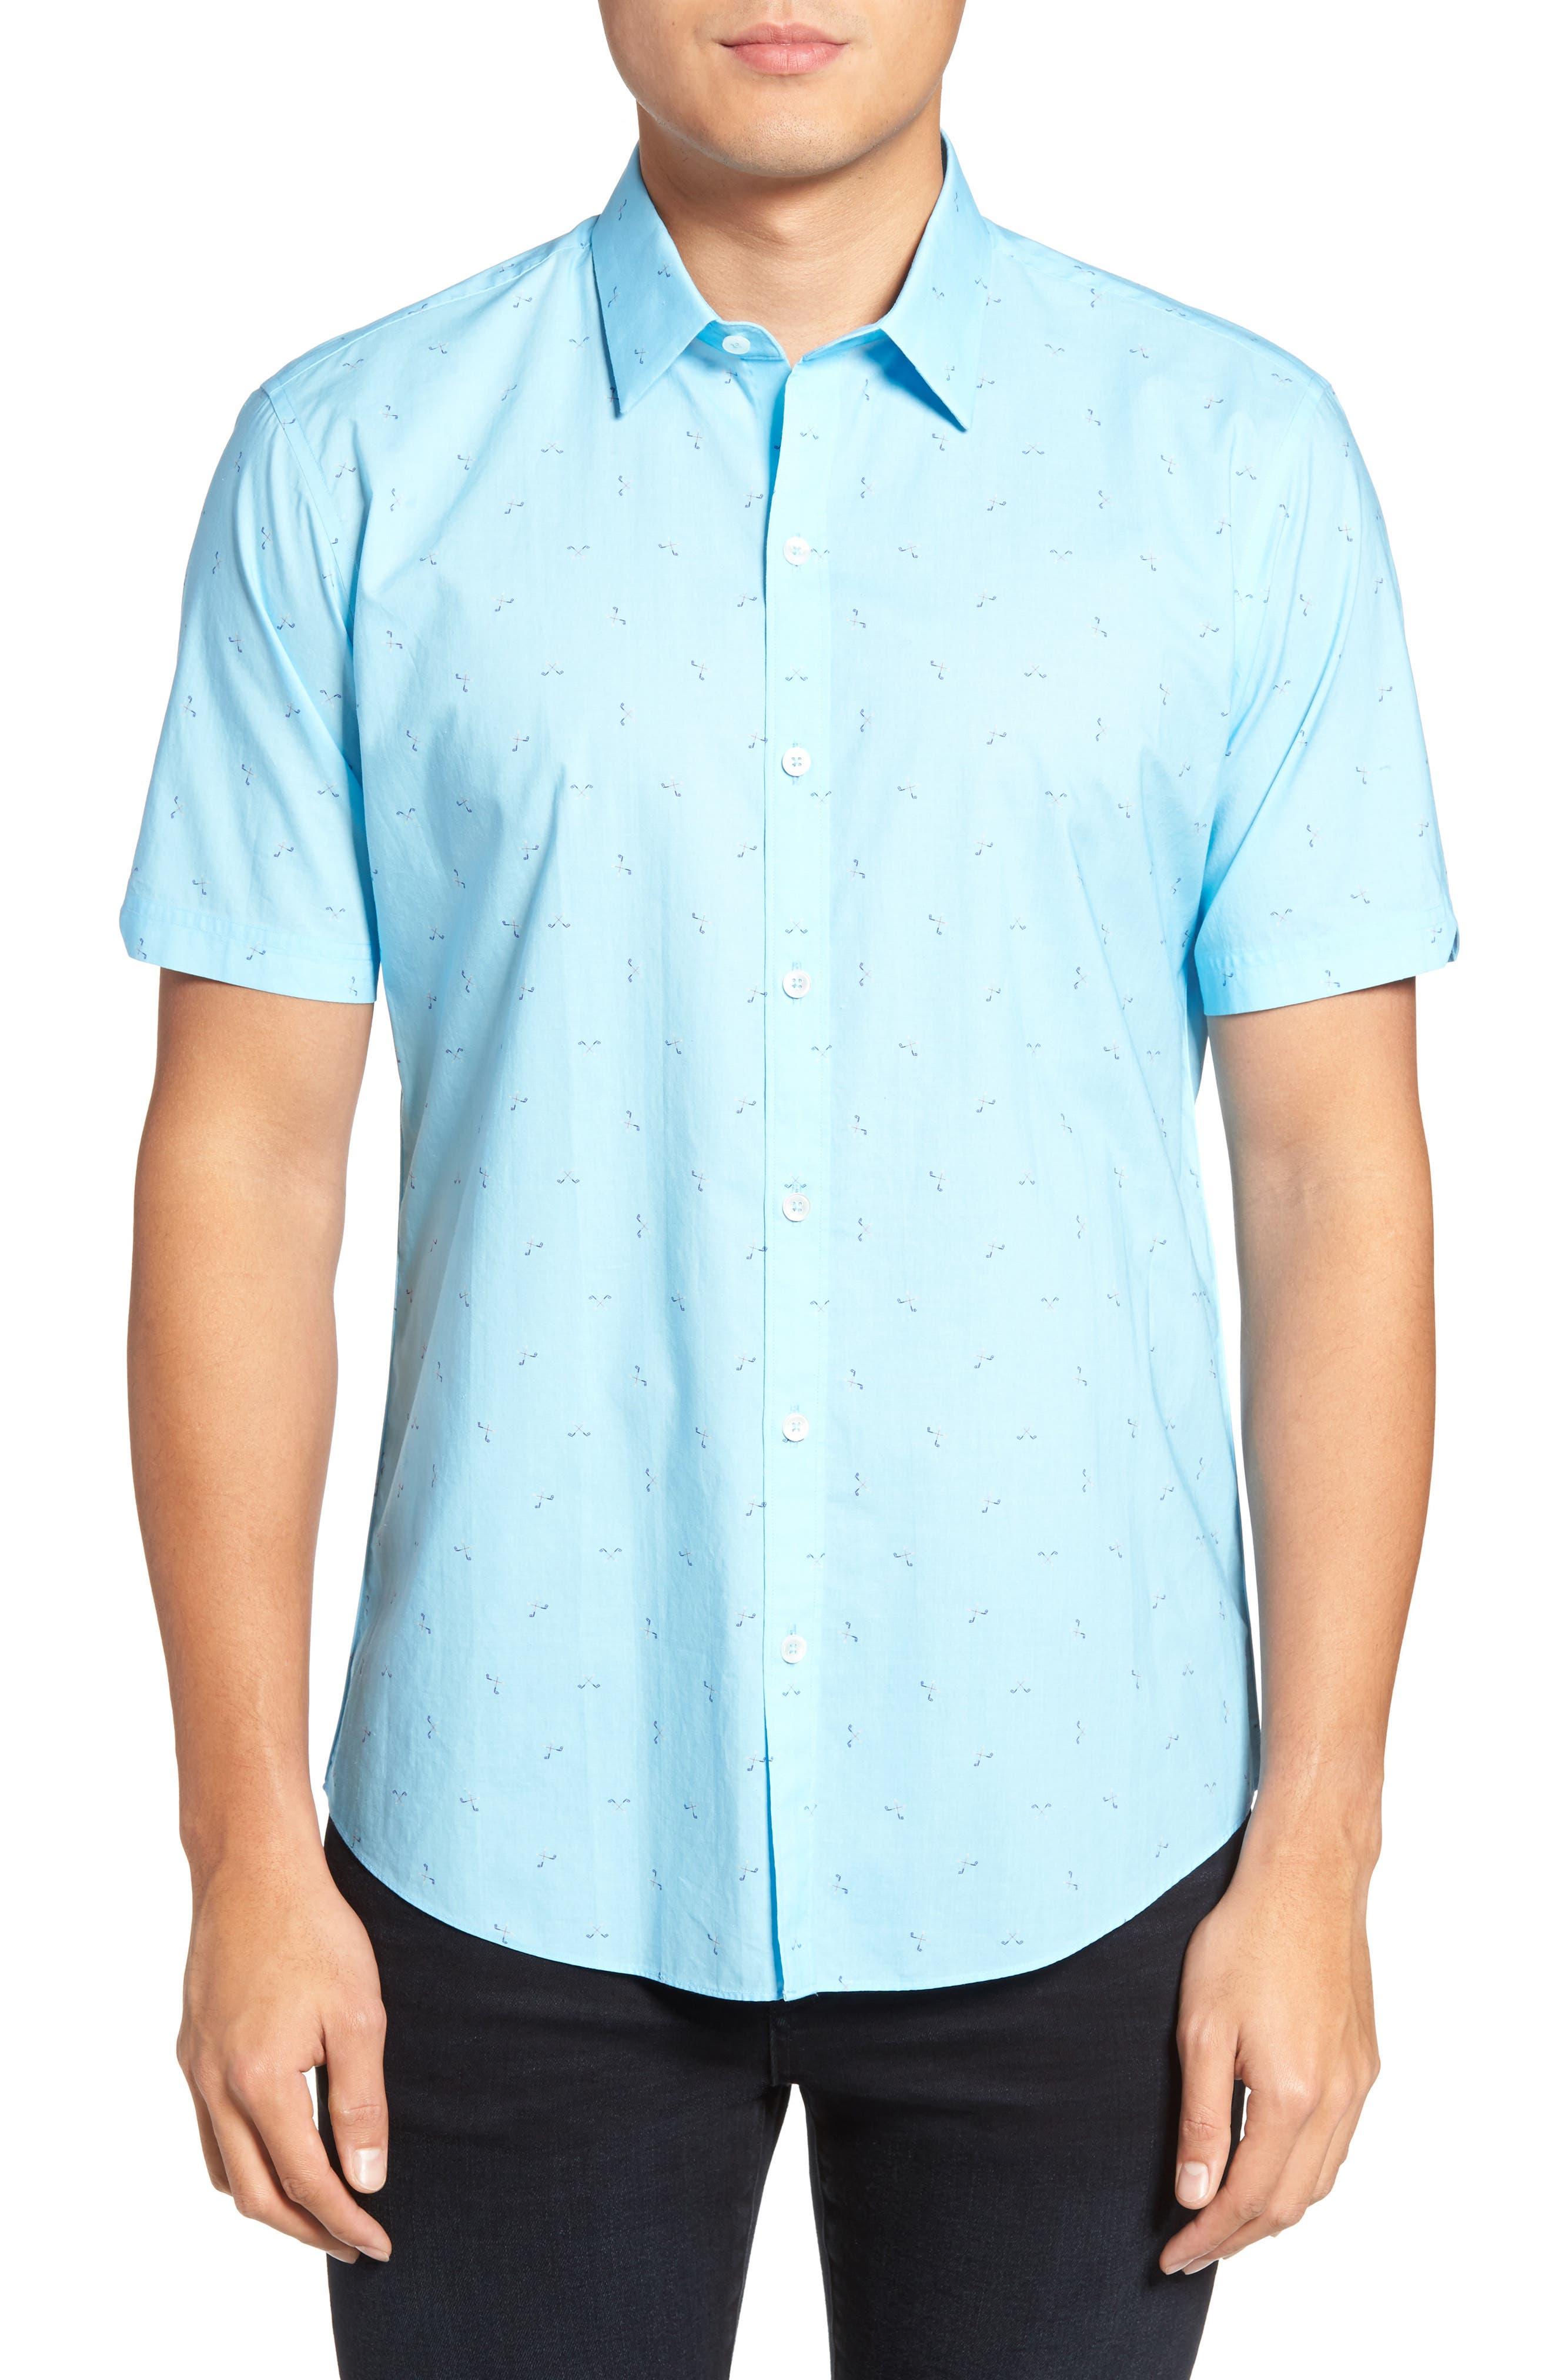 Weinman Regular Fit Print Short Sleeve Sport Shirt,                             Main thumbnail 1, color,                             411